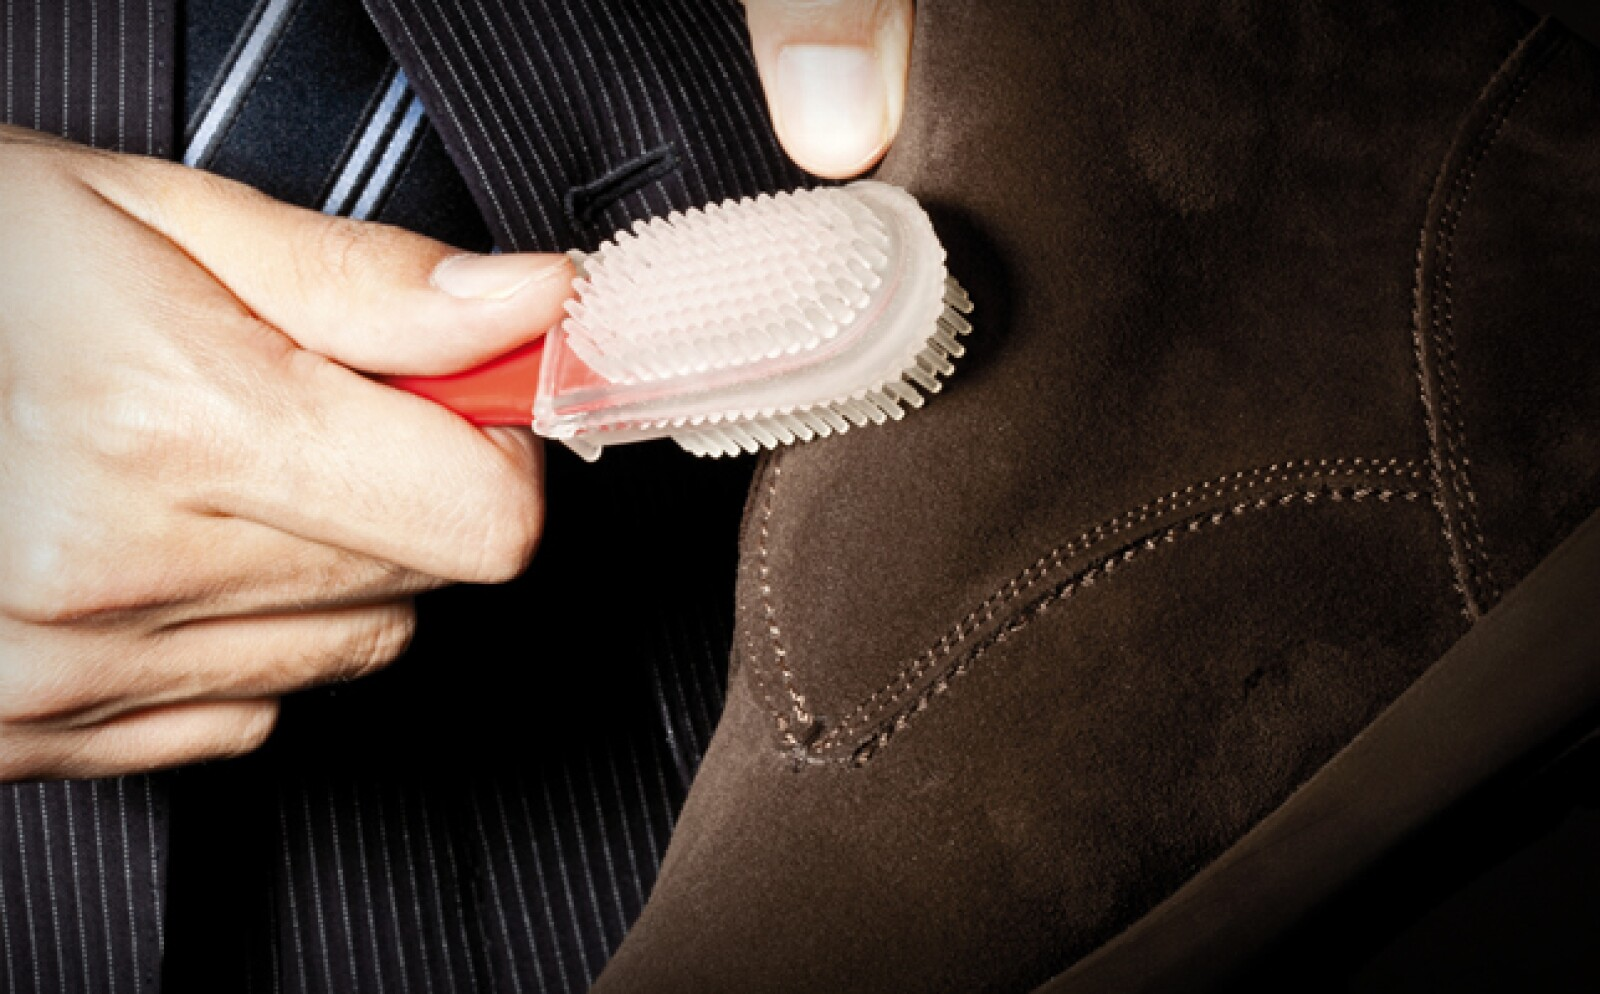 Con un cepillo especial remueve los pedazos de goma que hayan quedado en el zapato. Cepilla nuevamente de arriba hacia abajo.